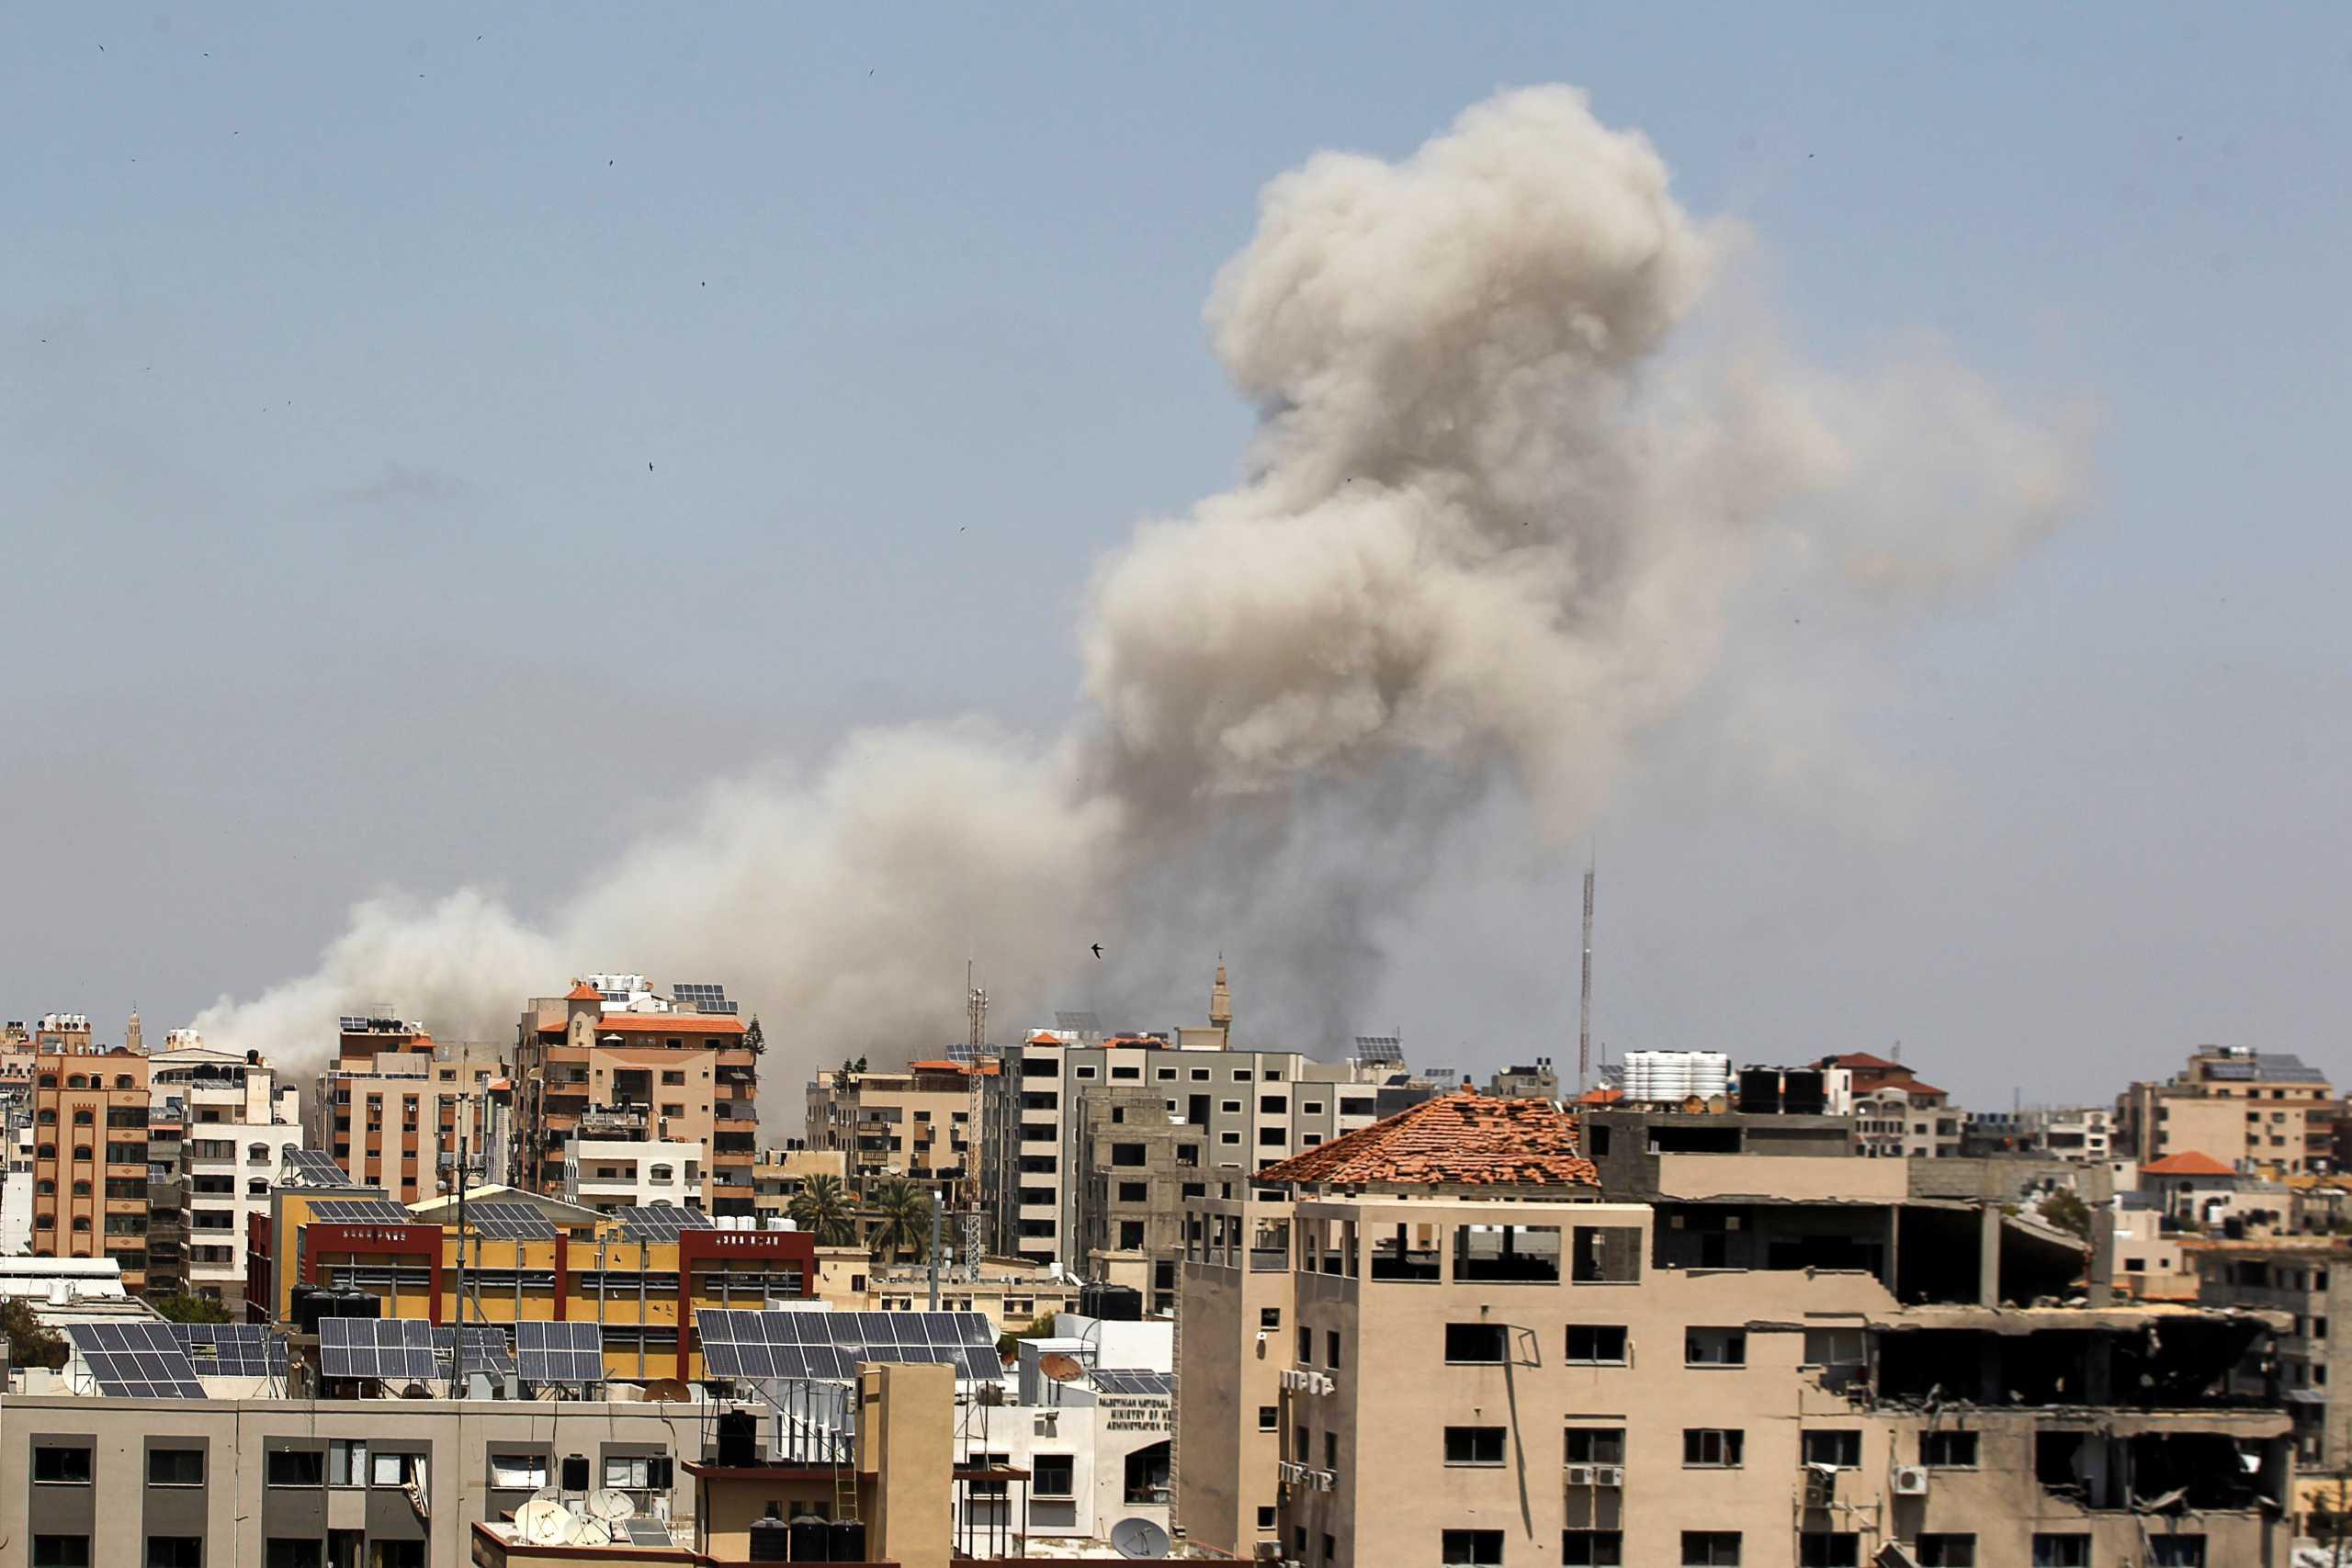 ΟΗΕ: Πλήρη τήρηση της κατάπαυσης του πυρός ζητά το Συμβούλιο Ασφαλείας